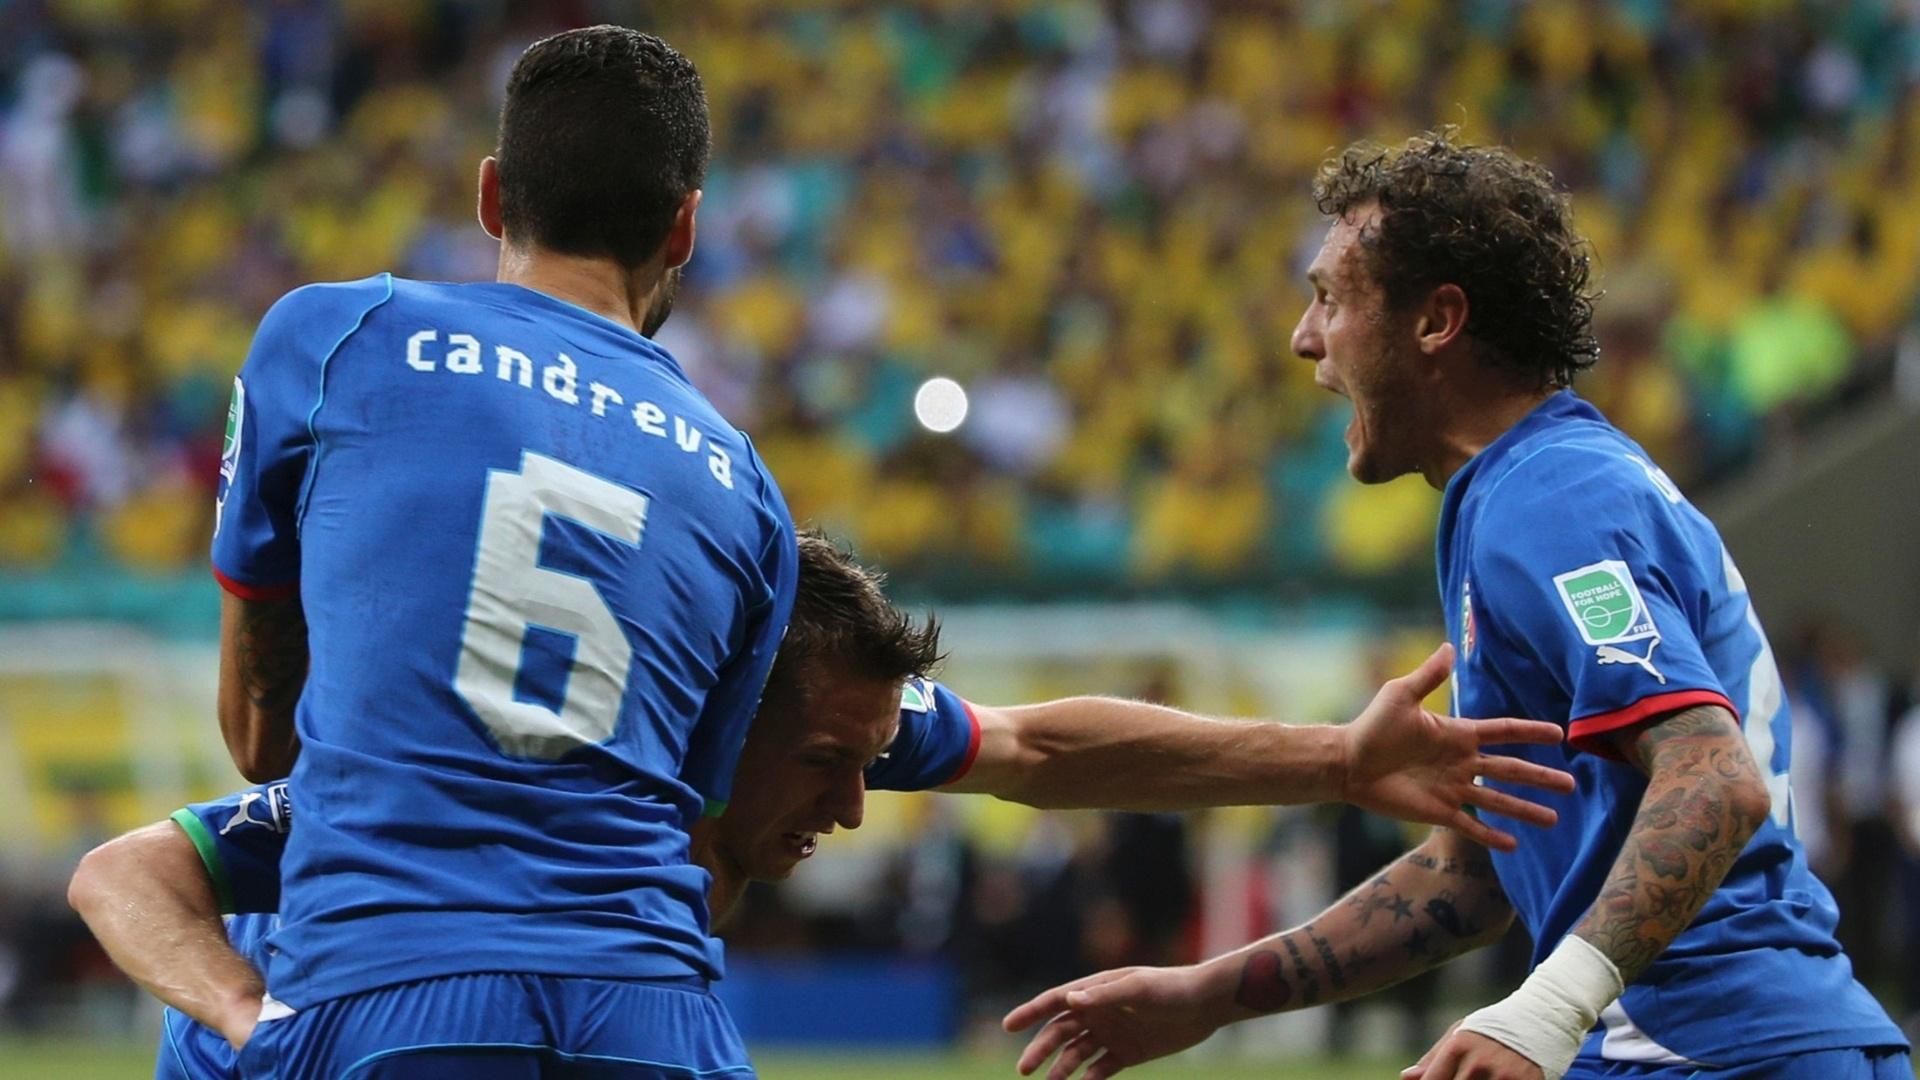 22.jun.2013 - Candreva (e) e Diamanti (d) abraçam Giaccherini  após gol da Itália sobre o Brasil